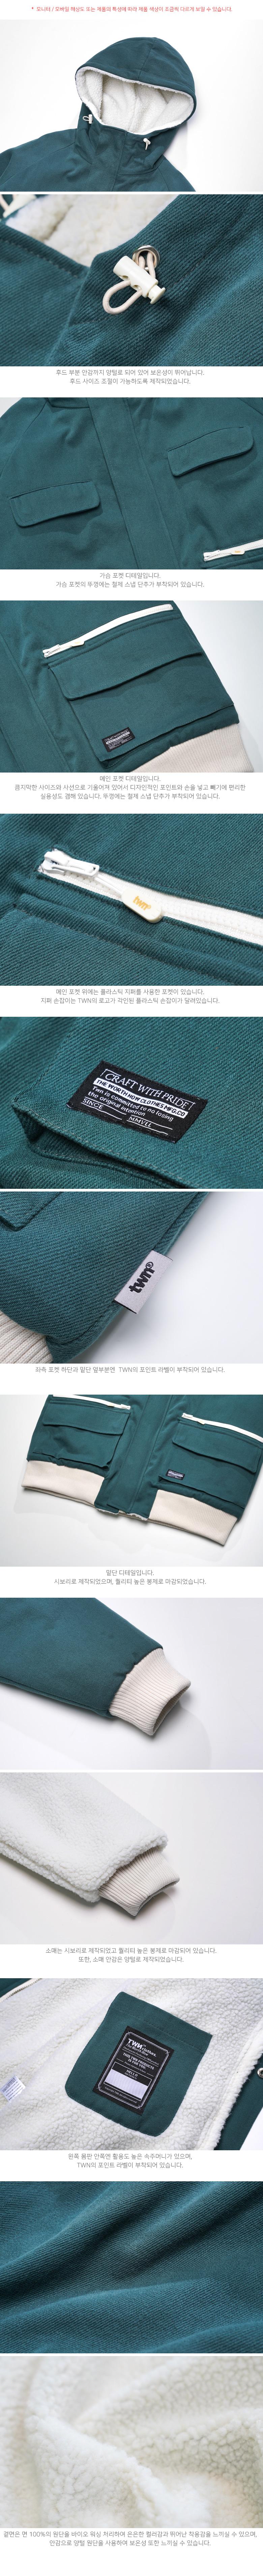 20191002_twn_canon_detail_bluishgreen_ym_02.jpg